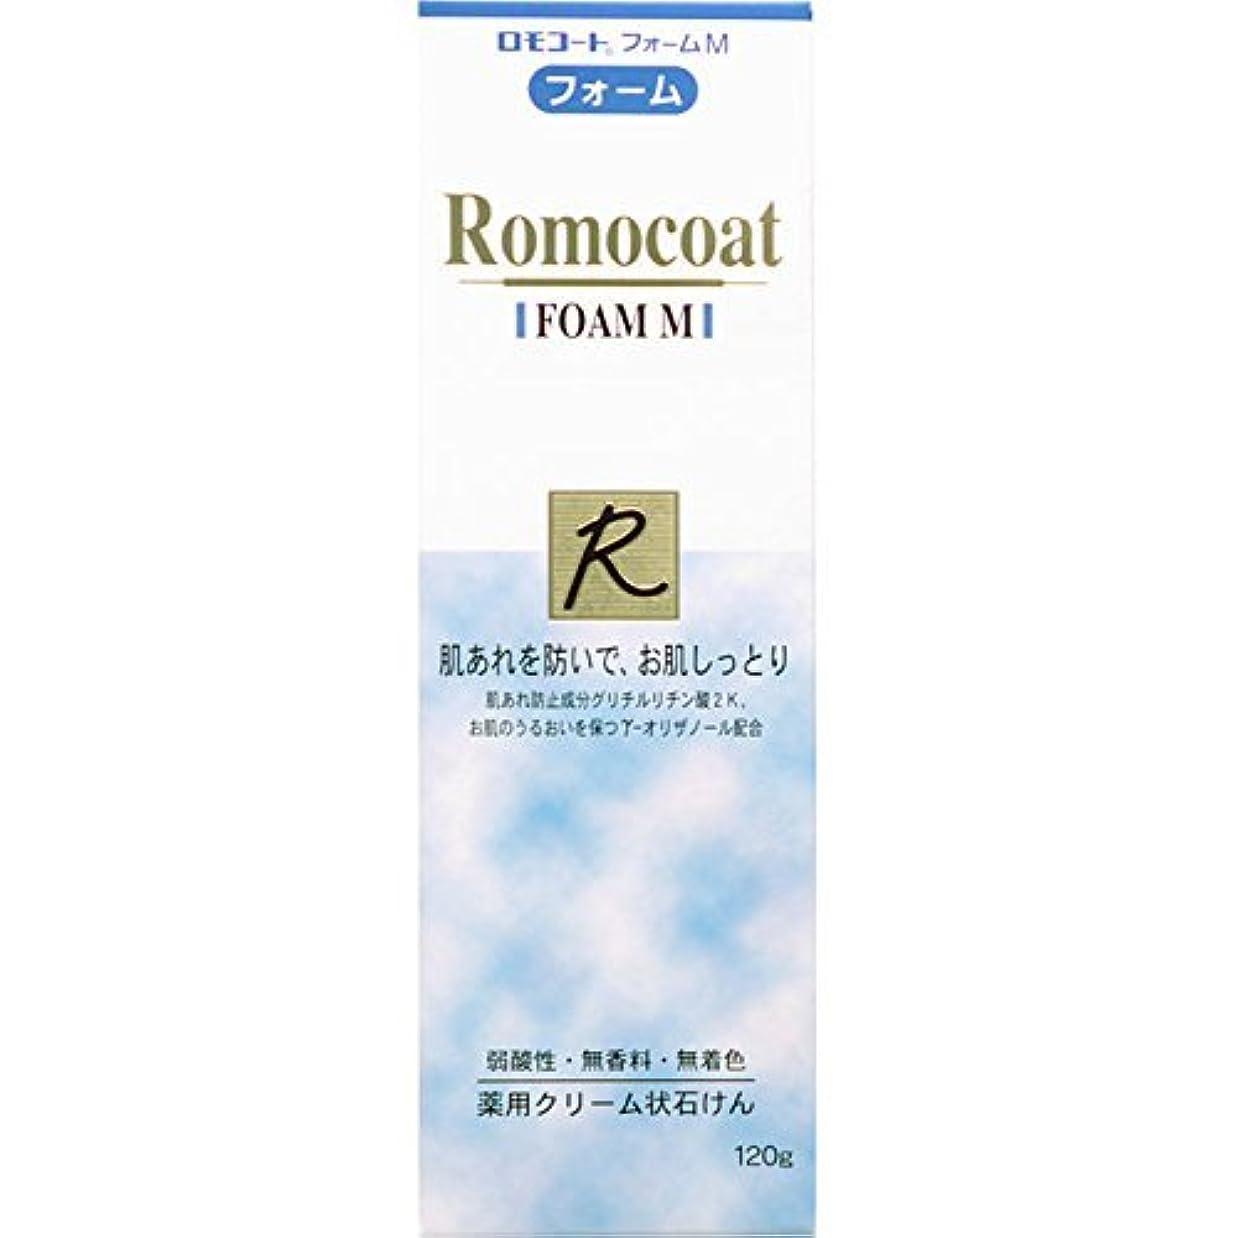 コカイン銅たるみ【2個】ロモコートフォームM 120gx2個 (4987305032621-2)